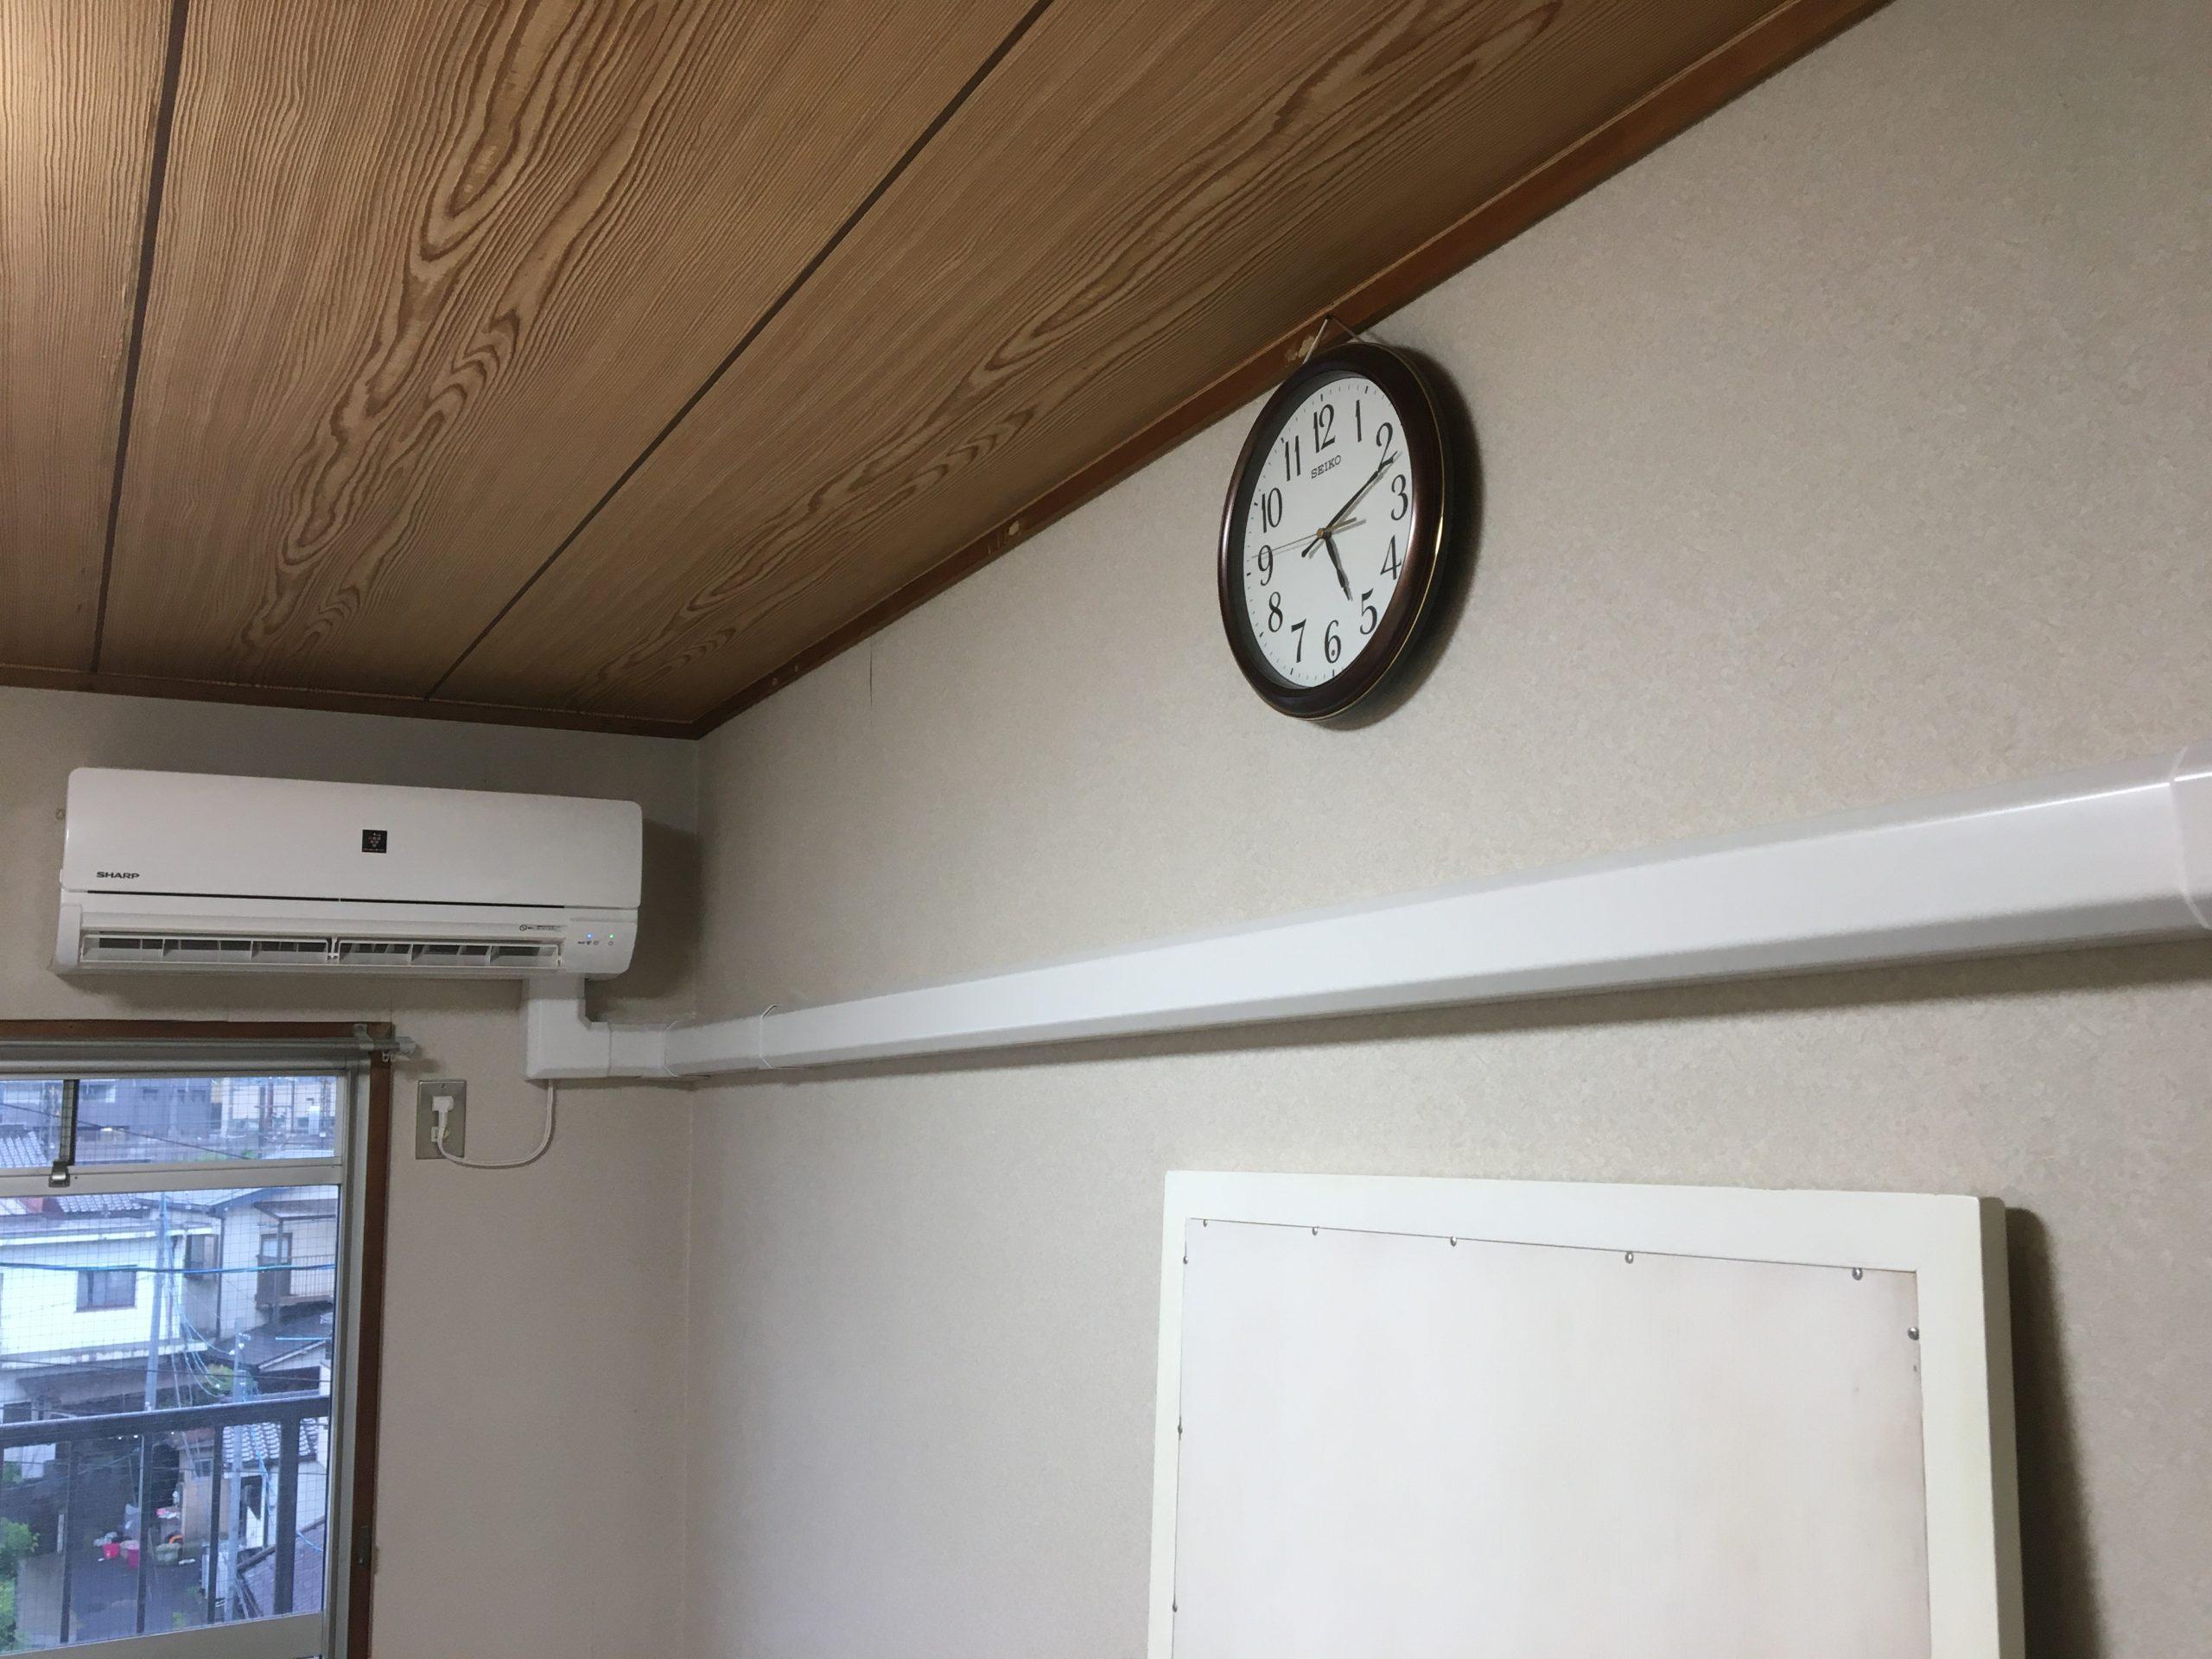 滋賀県大津市の分譲マンションのエアコン取り付け/室内化粧カバーや困難工事は便利屋HEROでスッキリ施工!大型リフォーム時と合わせた施工を紹介